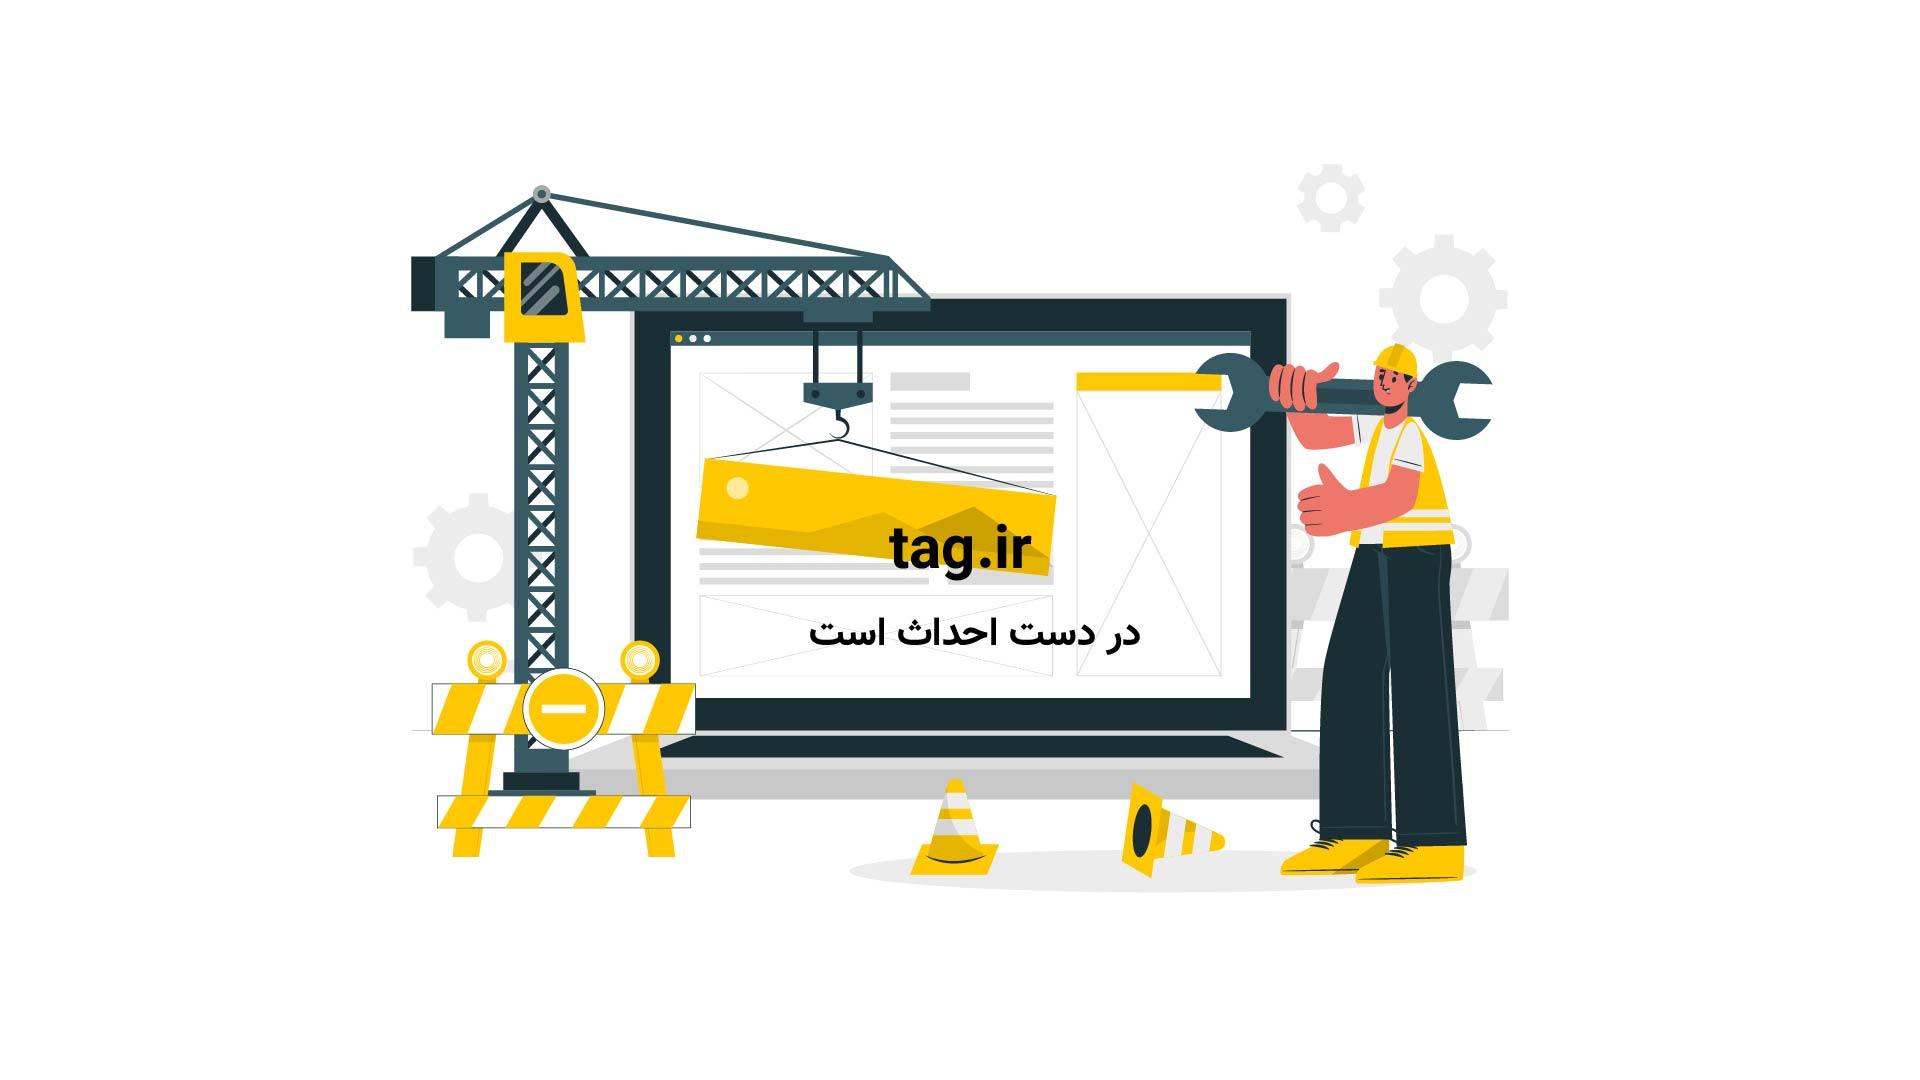 بازی زیبای اسپانیا و ترکیه؛ گزارش اختصاصی تگ